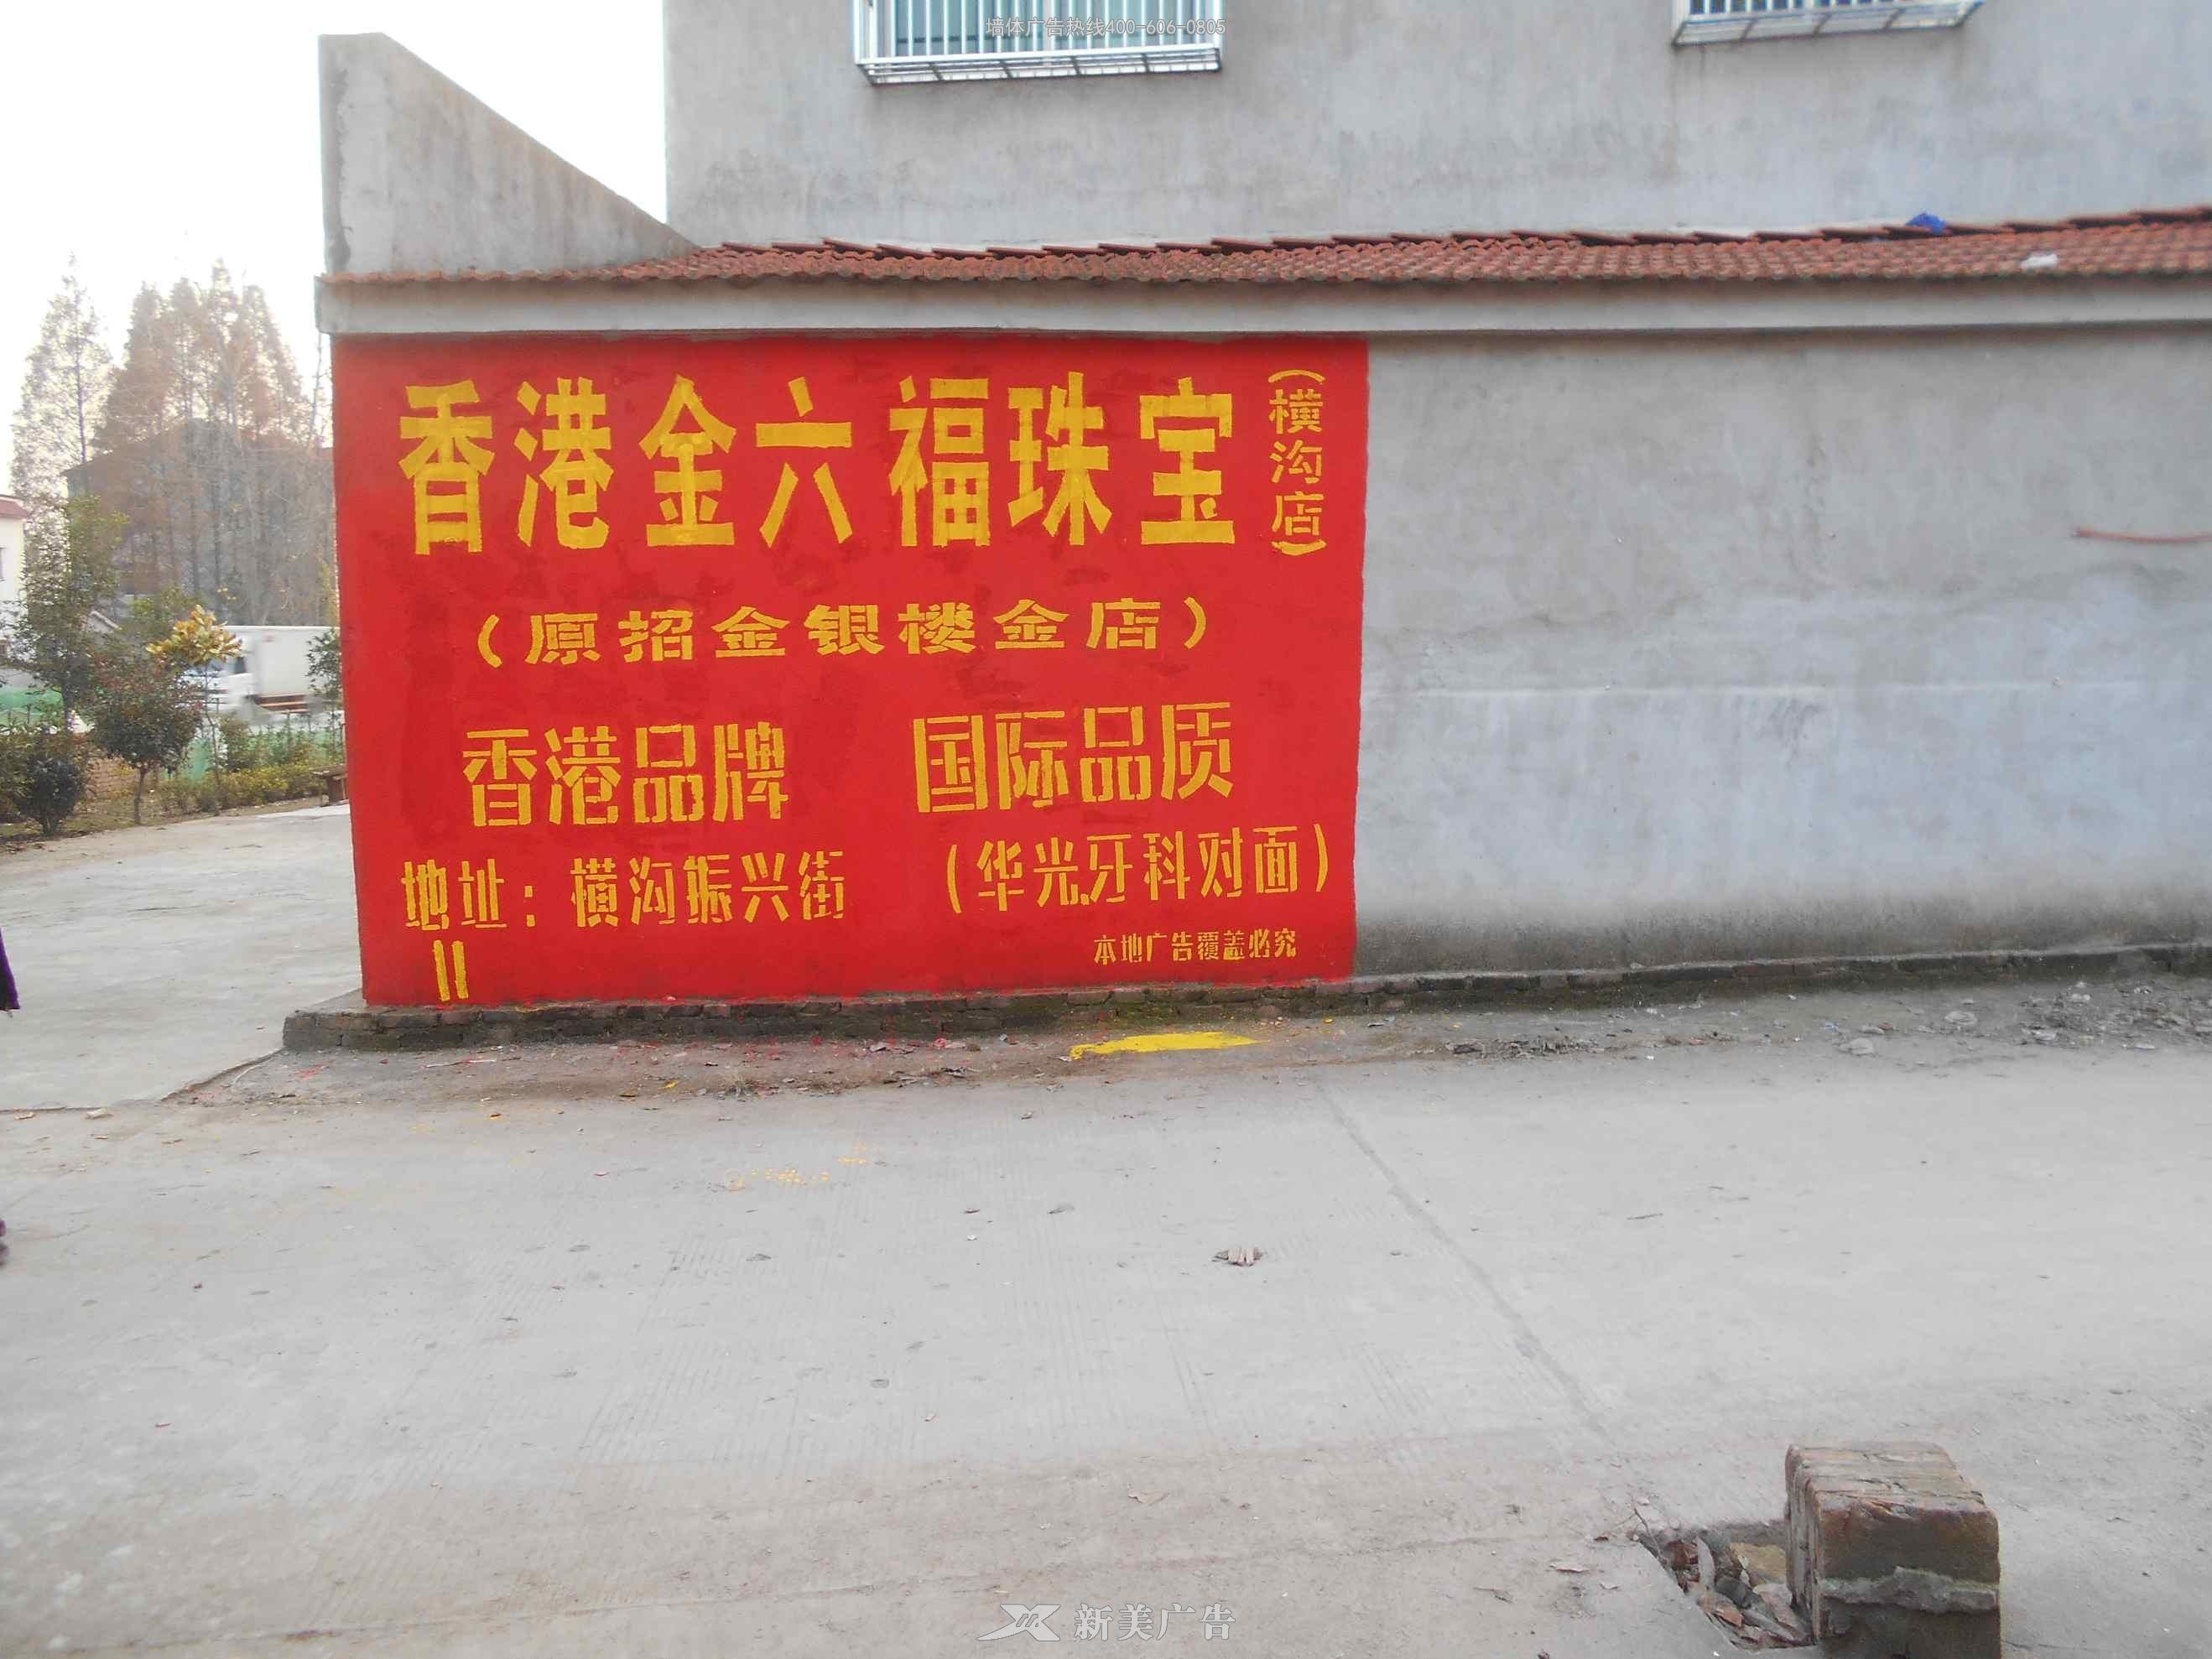 金六福珠宝(横沟)凯发k8娱乐网页广告